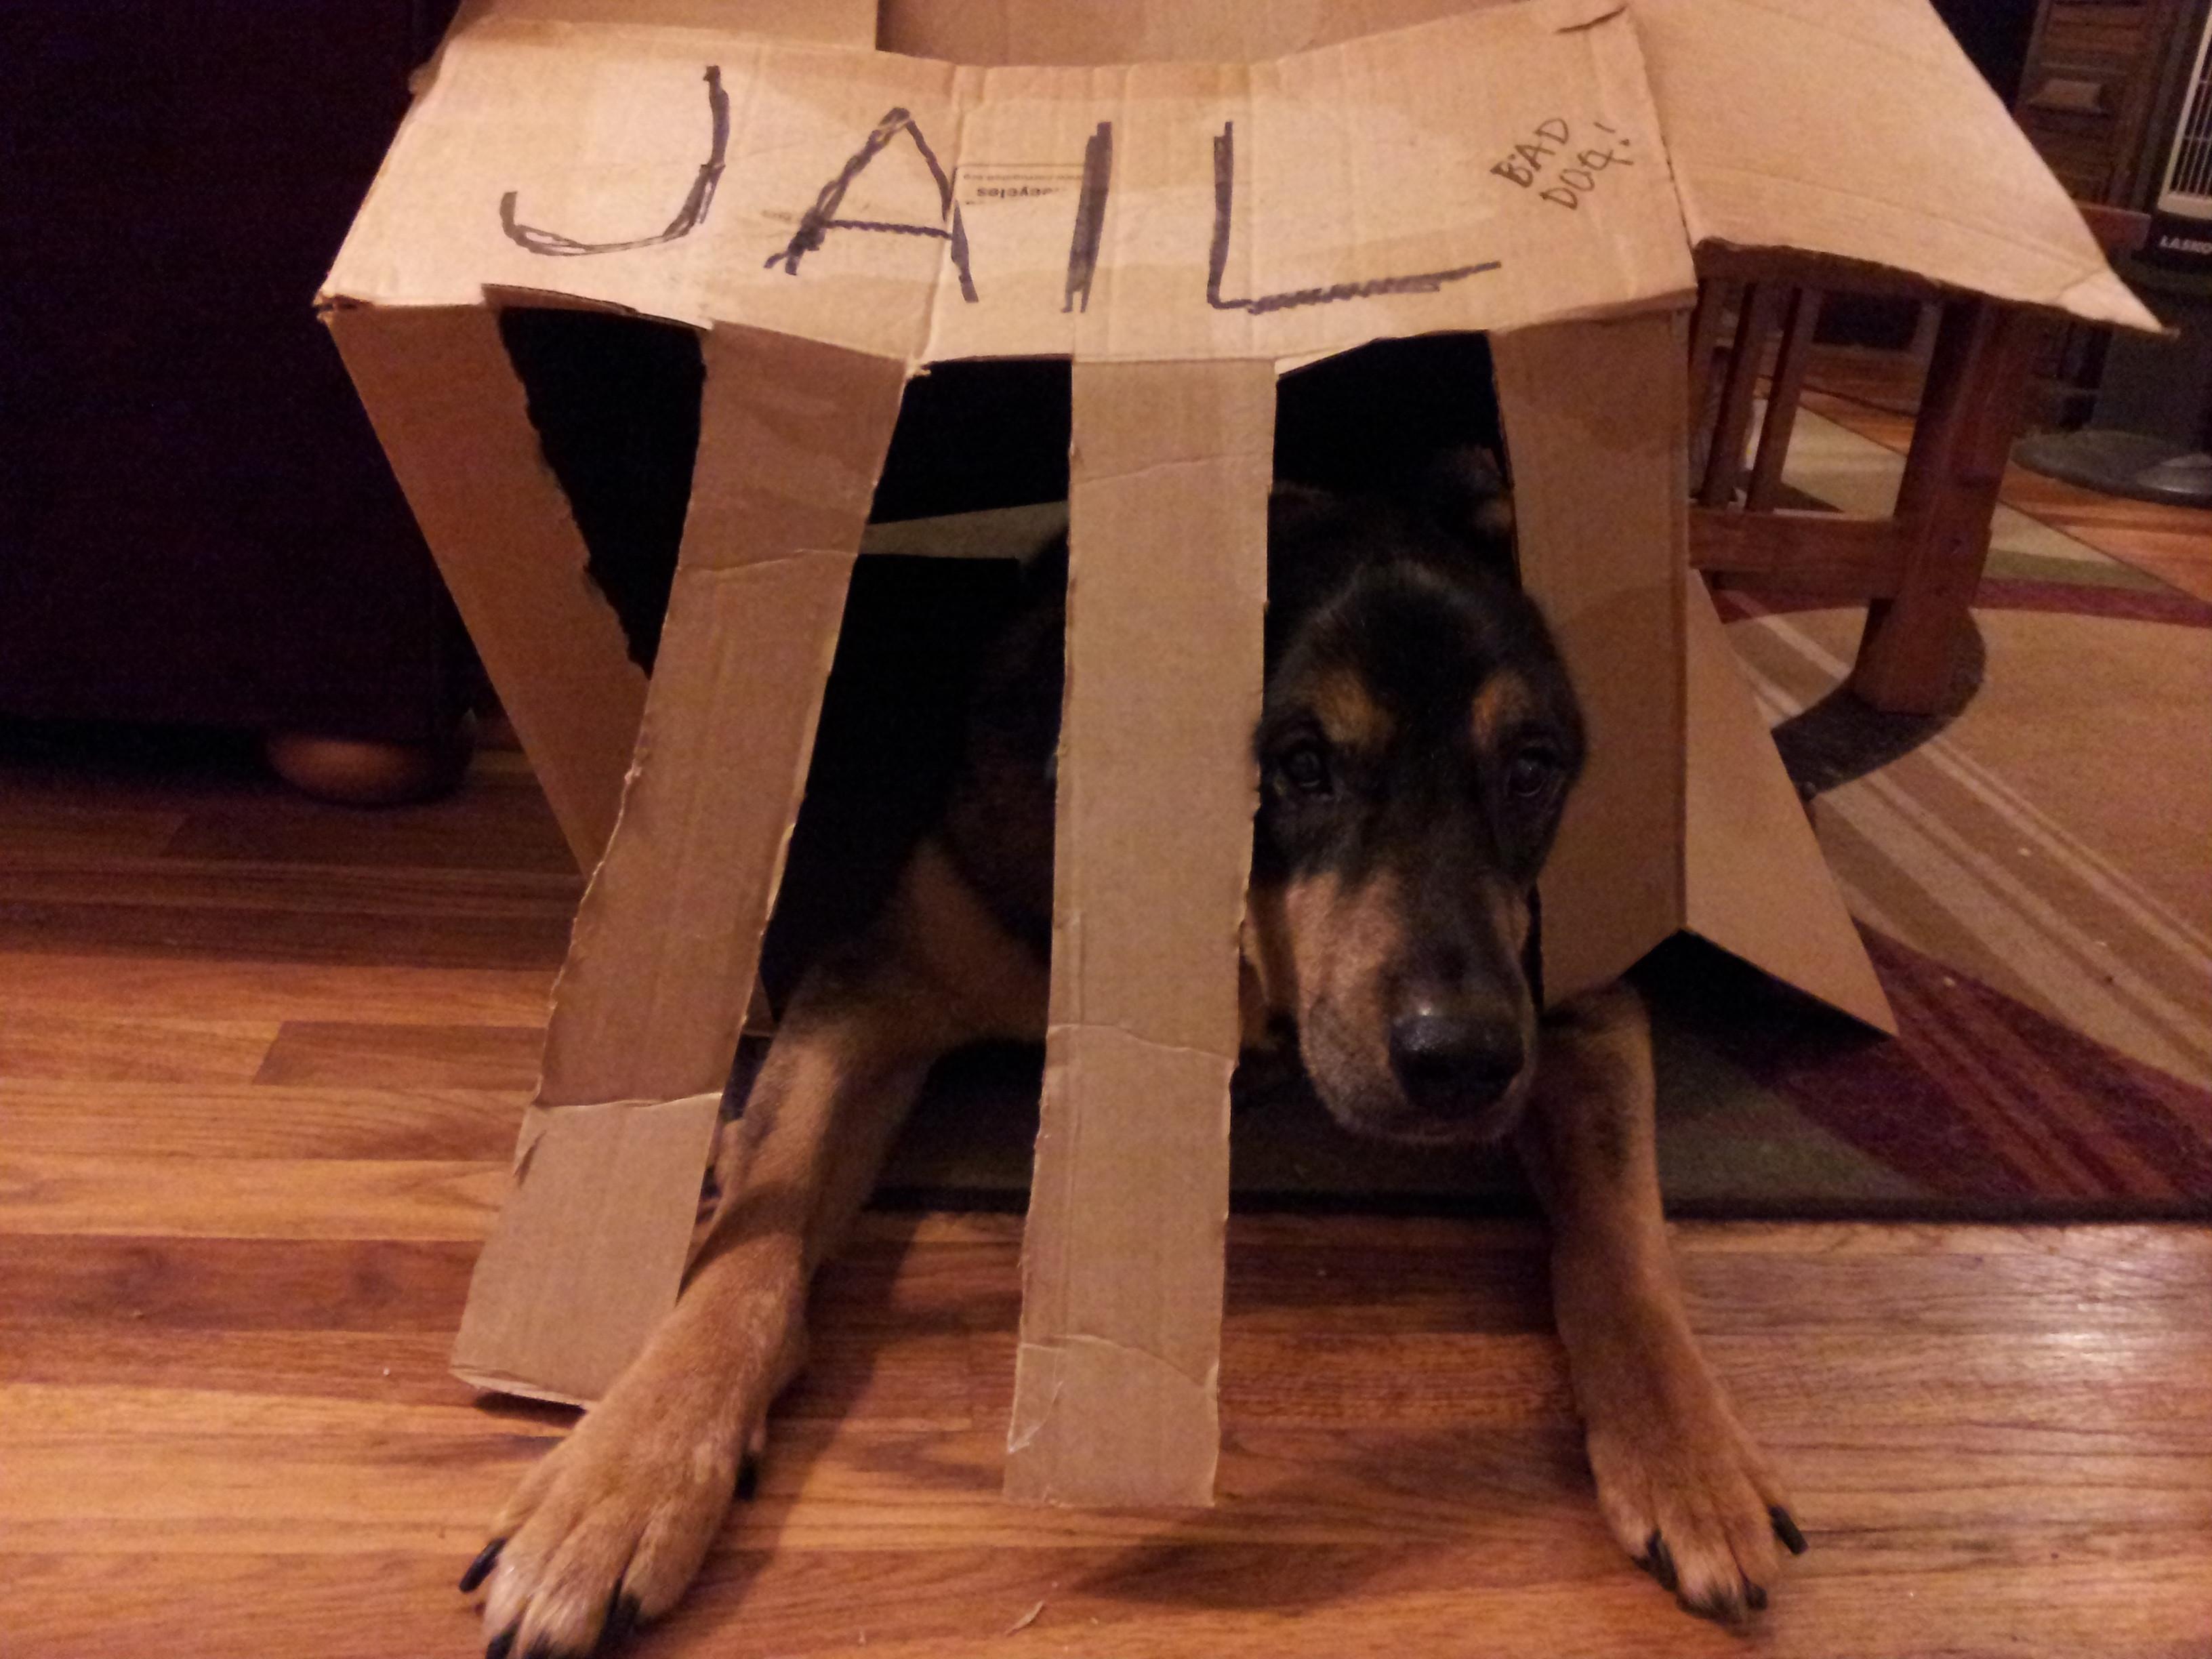 guilty9